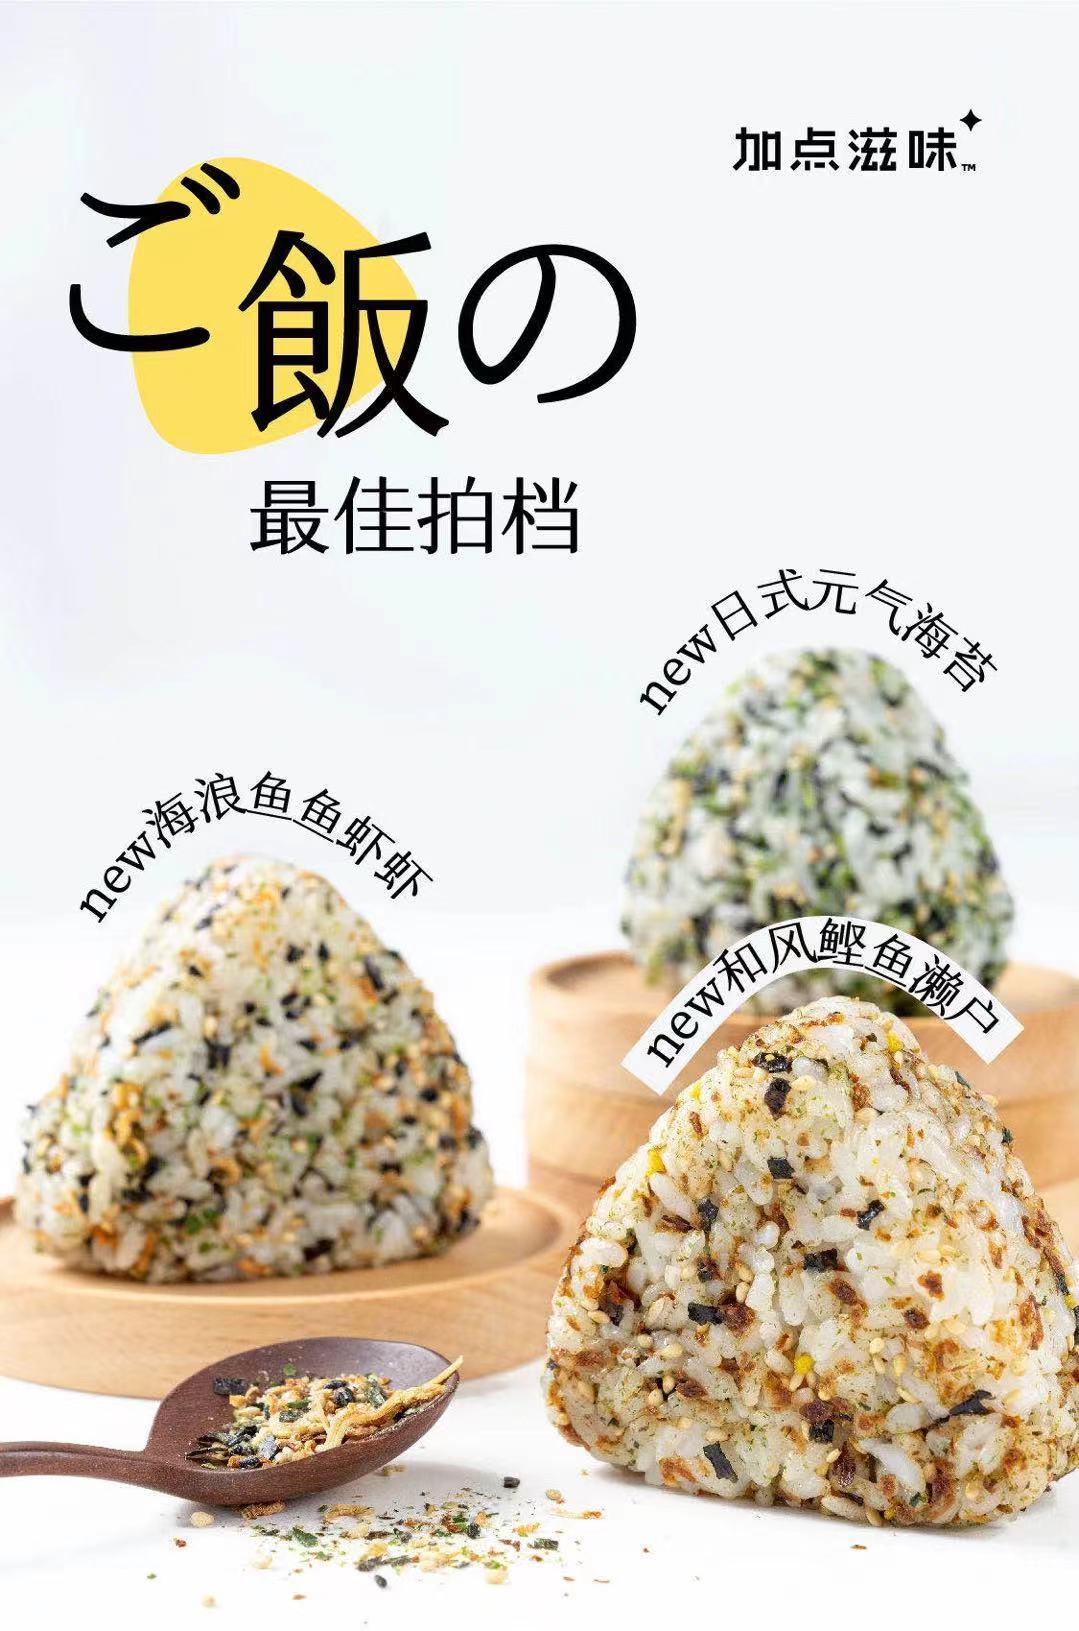 让你大口吃饭的日式低卡拌饭神器,「加点滋味」饭香松 | 产品打新